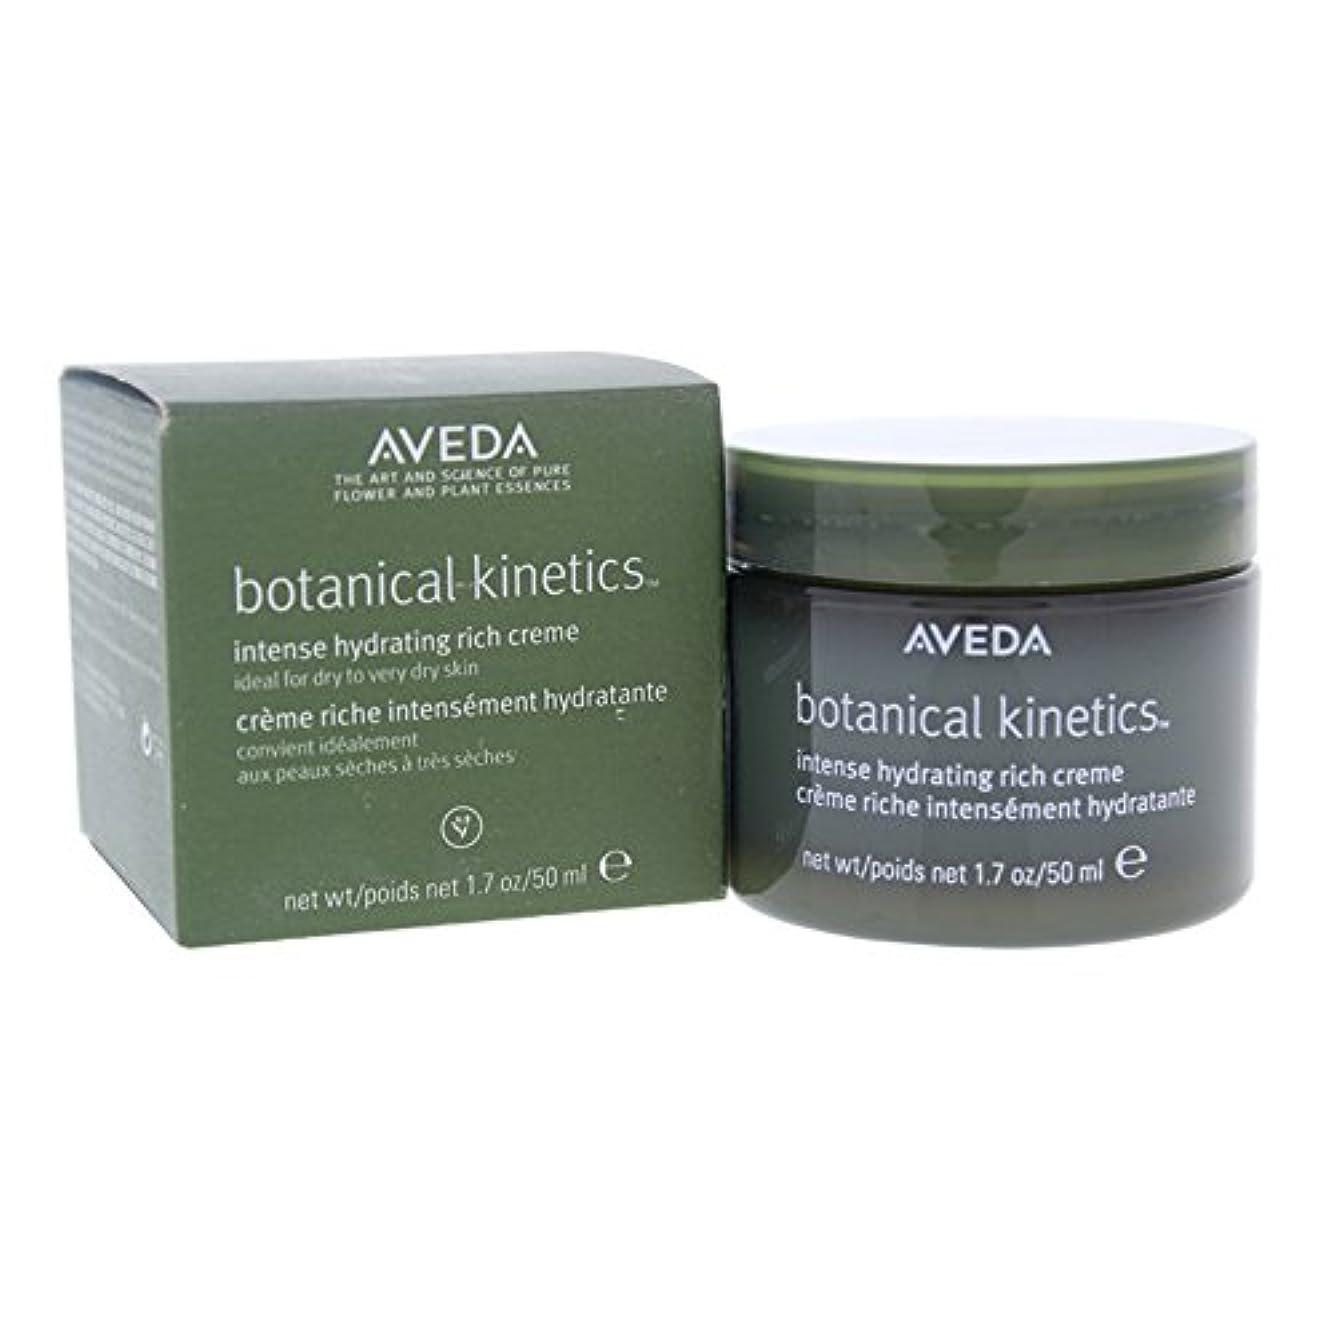 安心安息床を掃除するアヴェダ インテンス ハイドレイティング クリーム リッチ 50ml 50ml/1.7oz